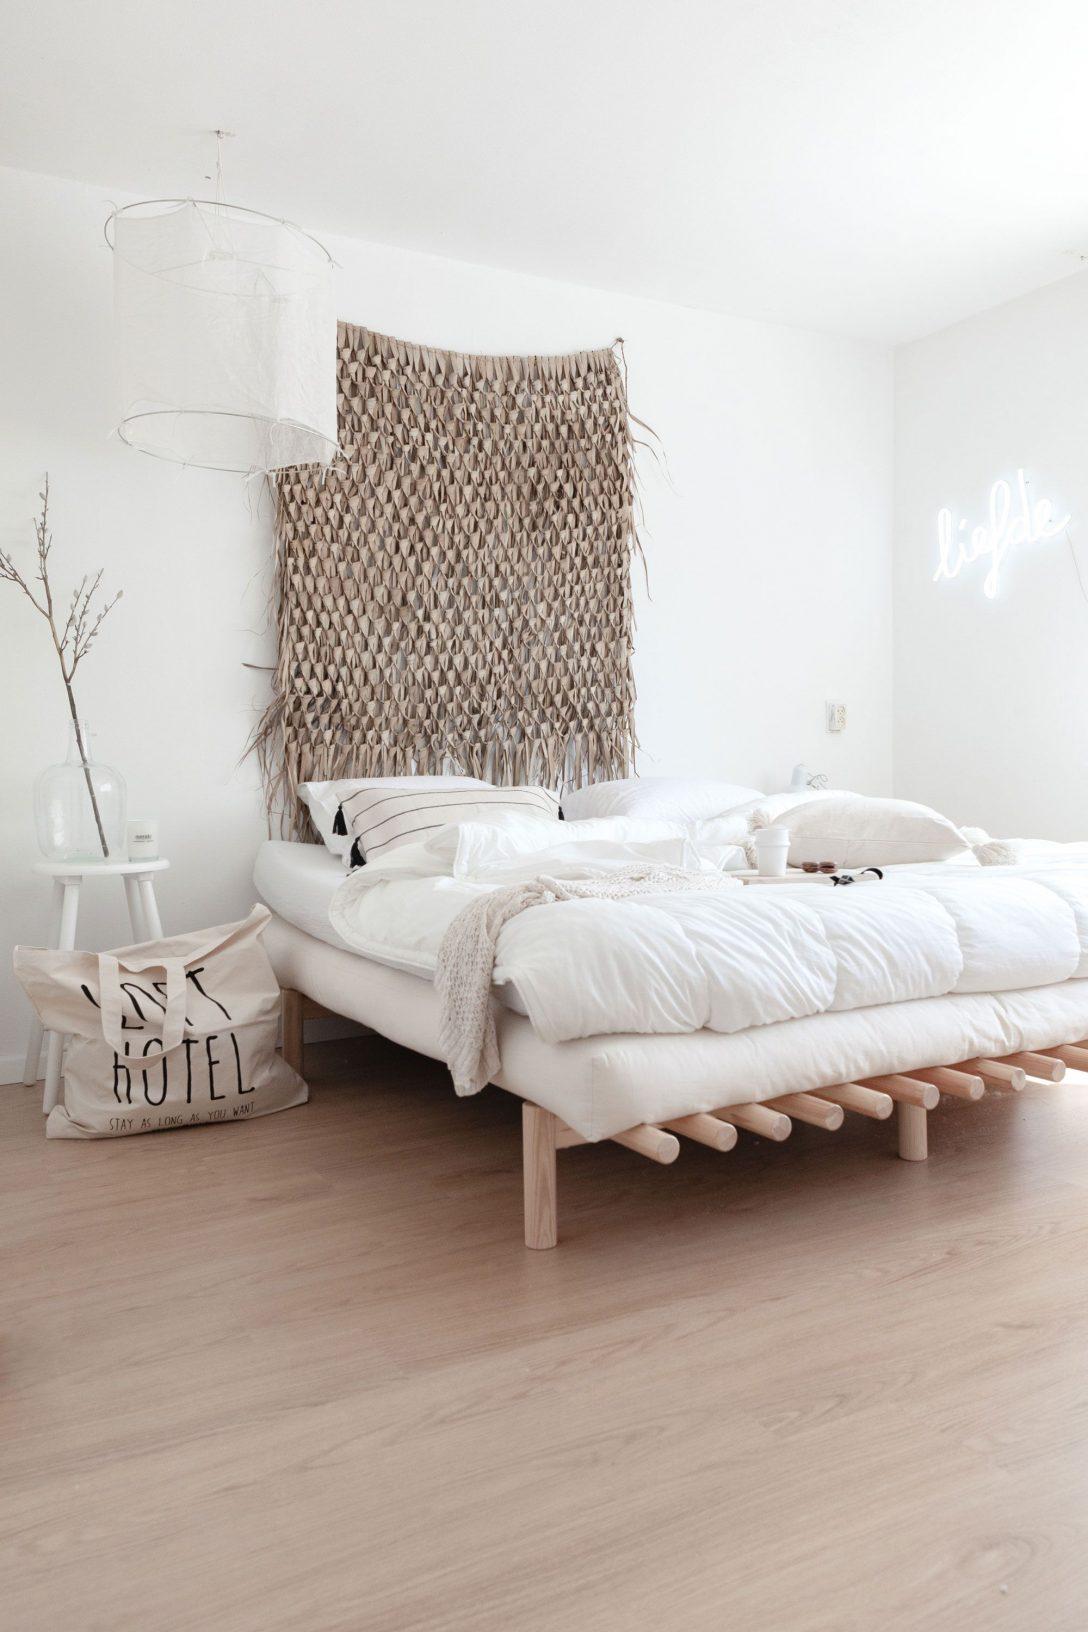 Large Size of Karup Design Pace Futonbett Natur Lackiert 200 180 Cm In Günstig Betten Kaufen Bett 140x200 Mit Stauraum Landhausstil 160 Graues Einfaches Schwebendes Ruf Bett Bett 200x180